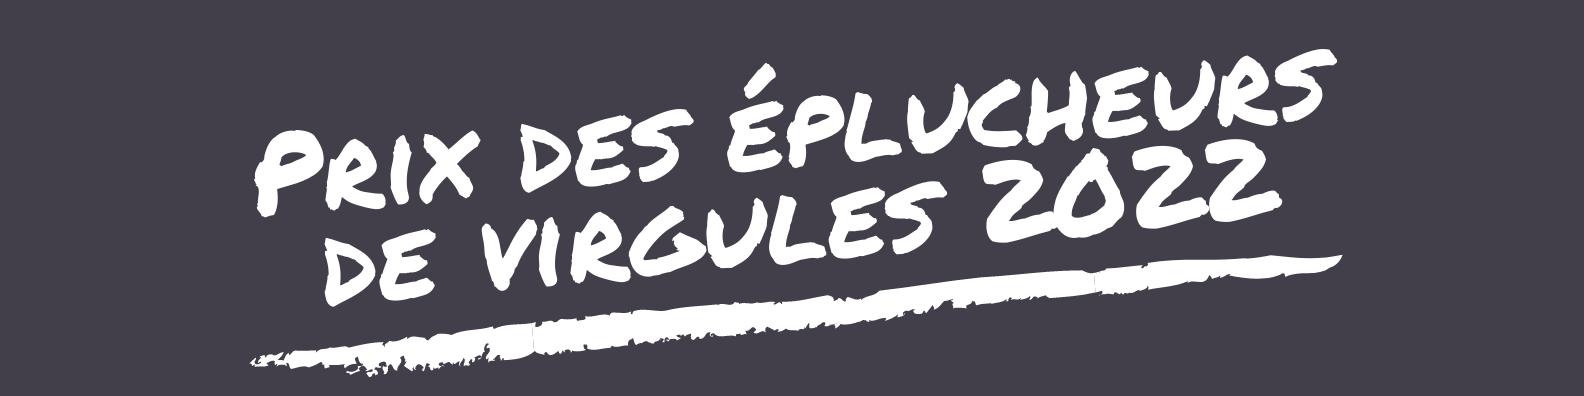 Bannière du Prix des Éplucheurs de Virgules 2022